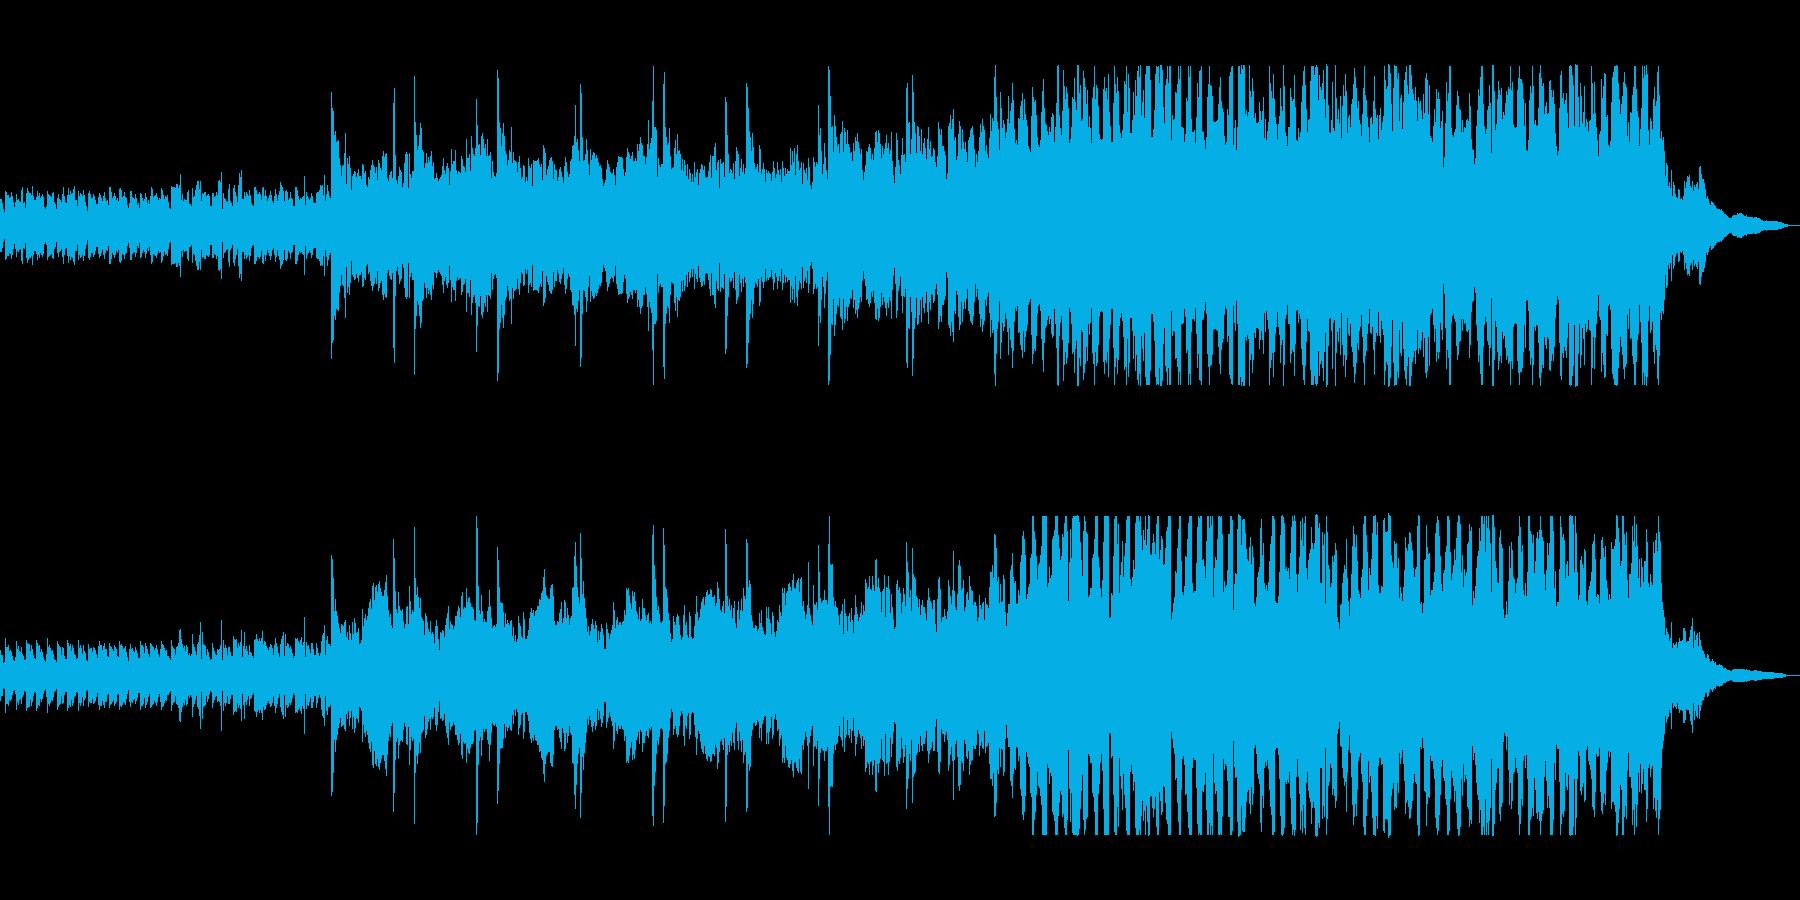 静かで感動的なピアノのバラードの再生済みの波形